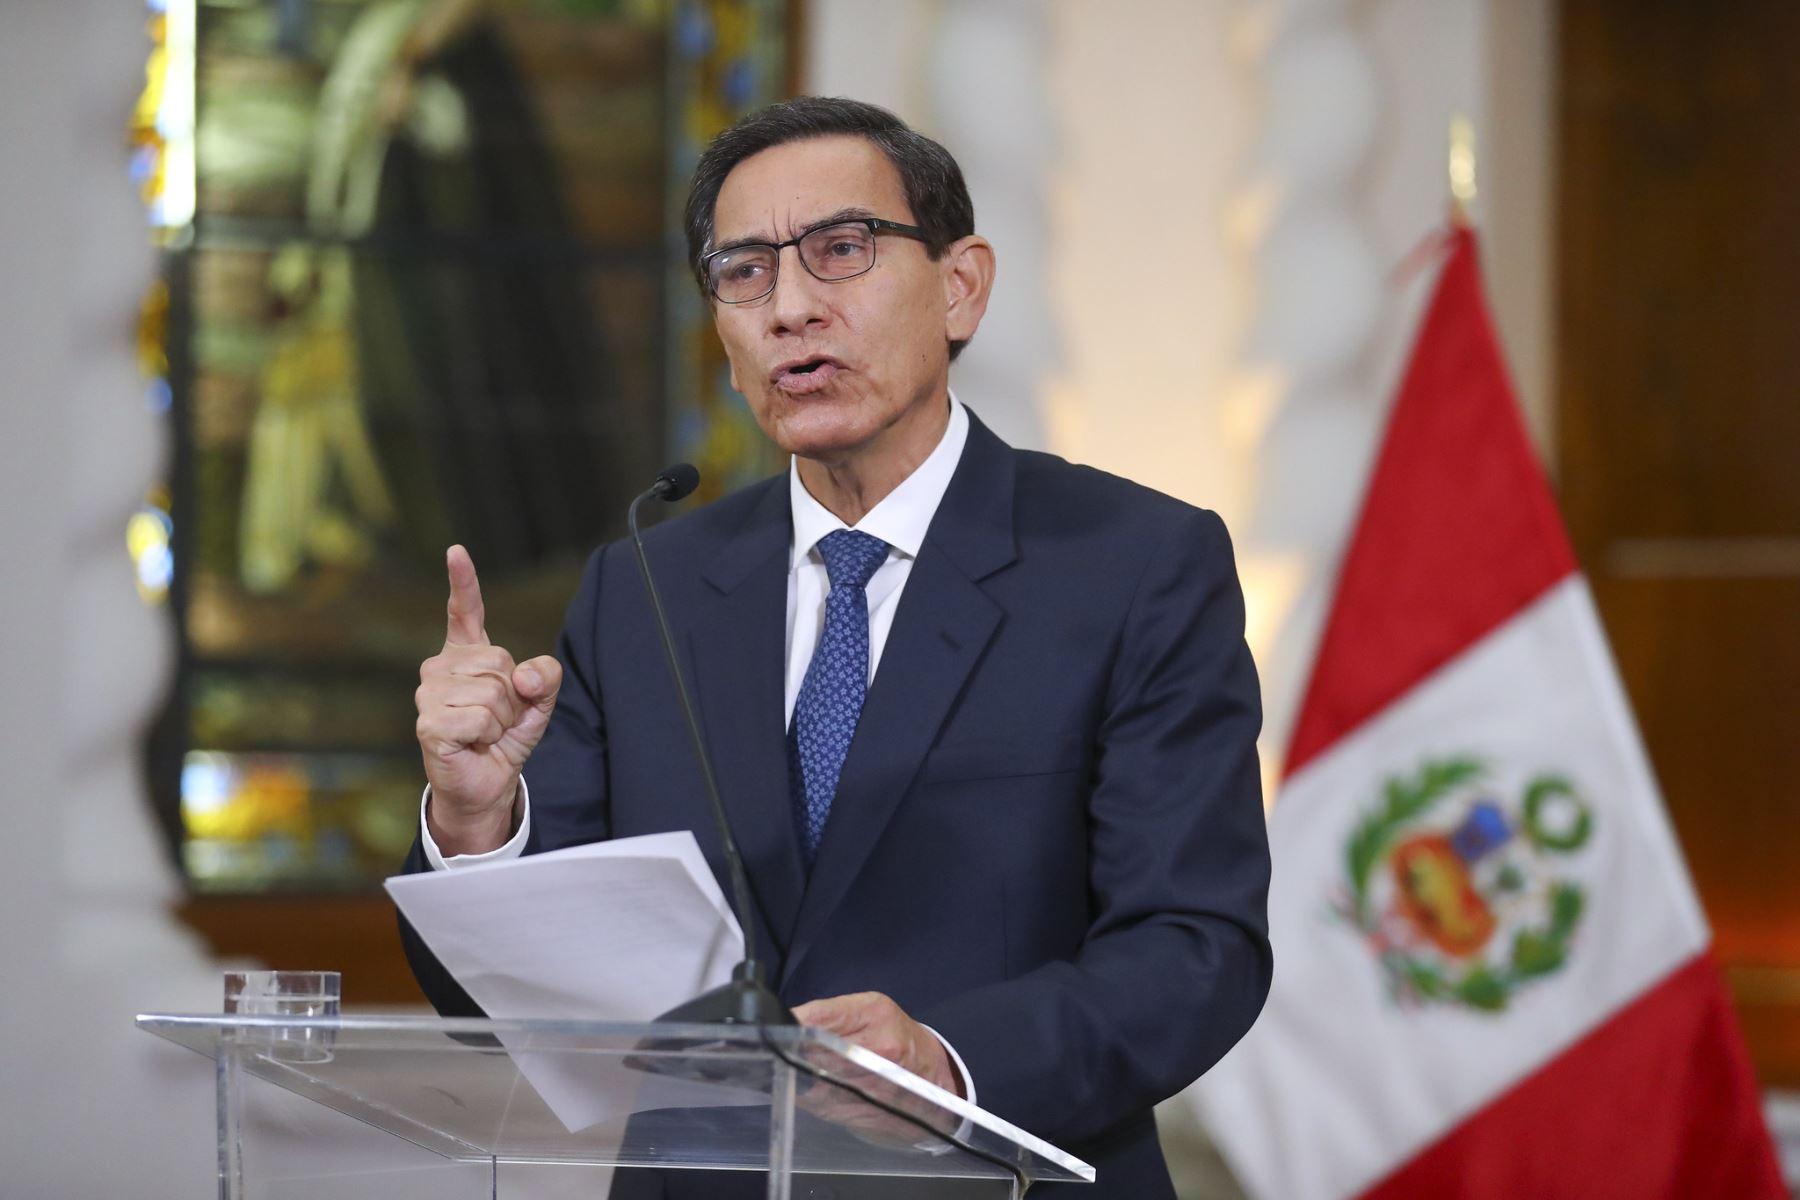 Derrocamiento del presidente de Perú destaca el resurgimiento del populismo latinoamericano